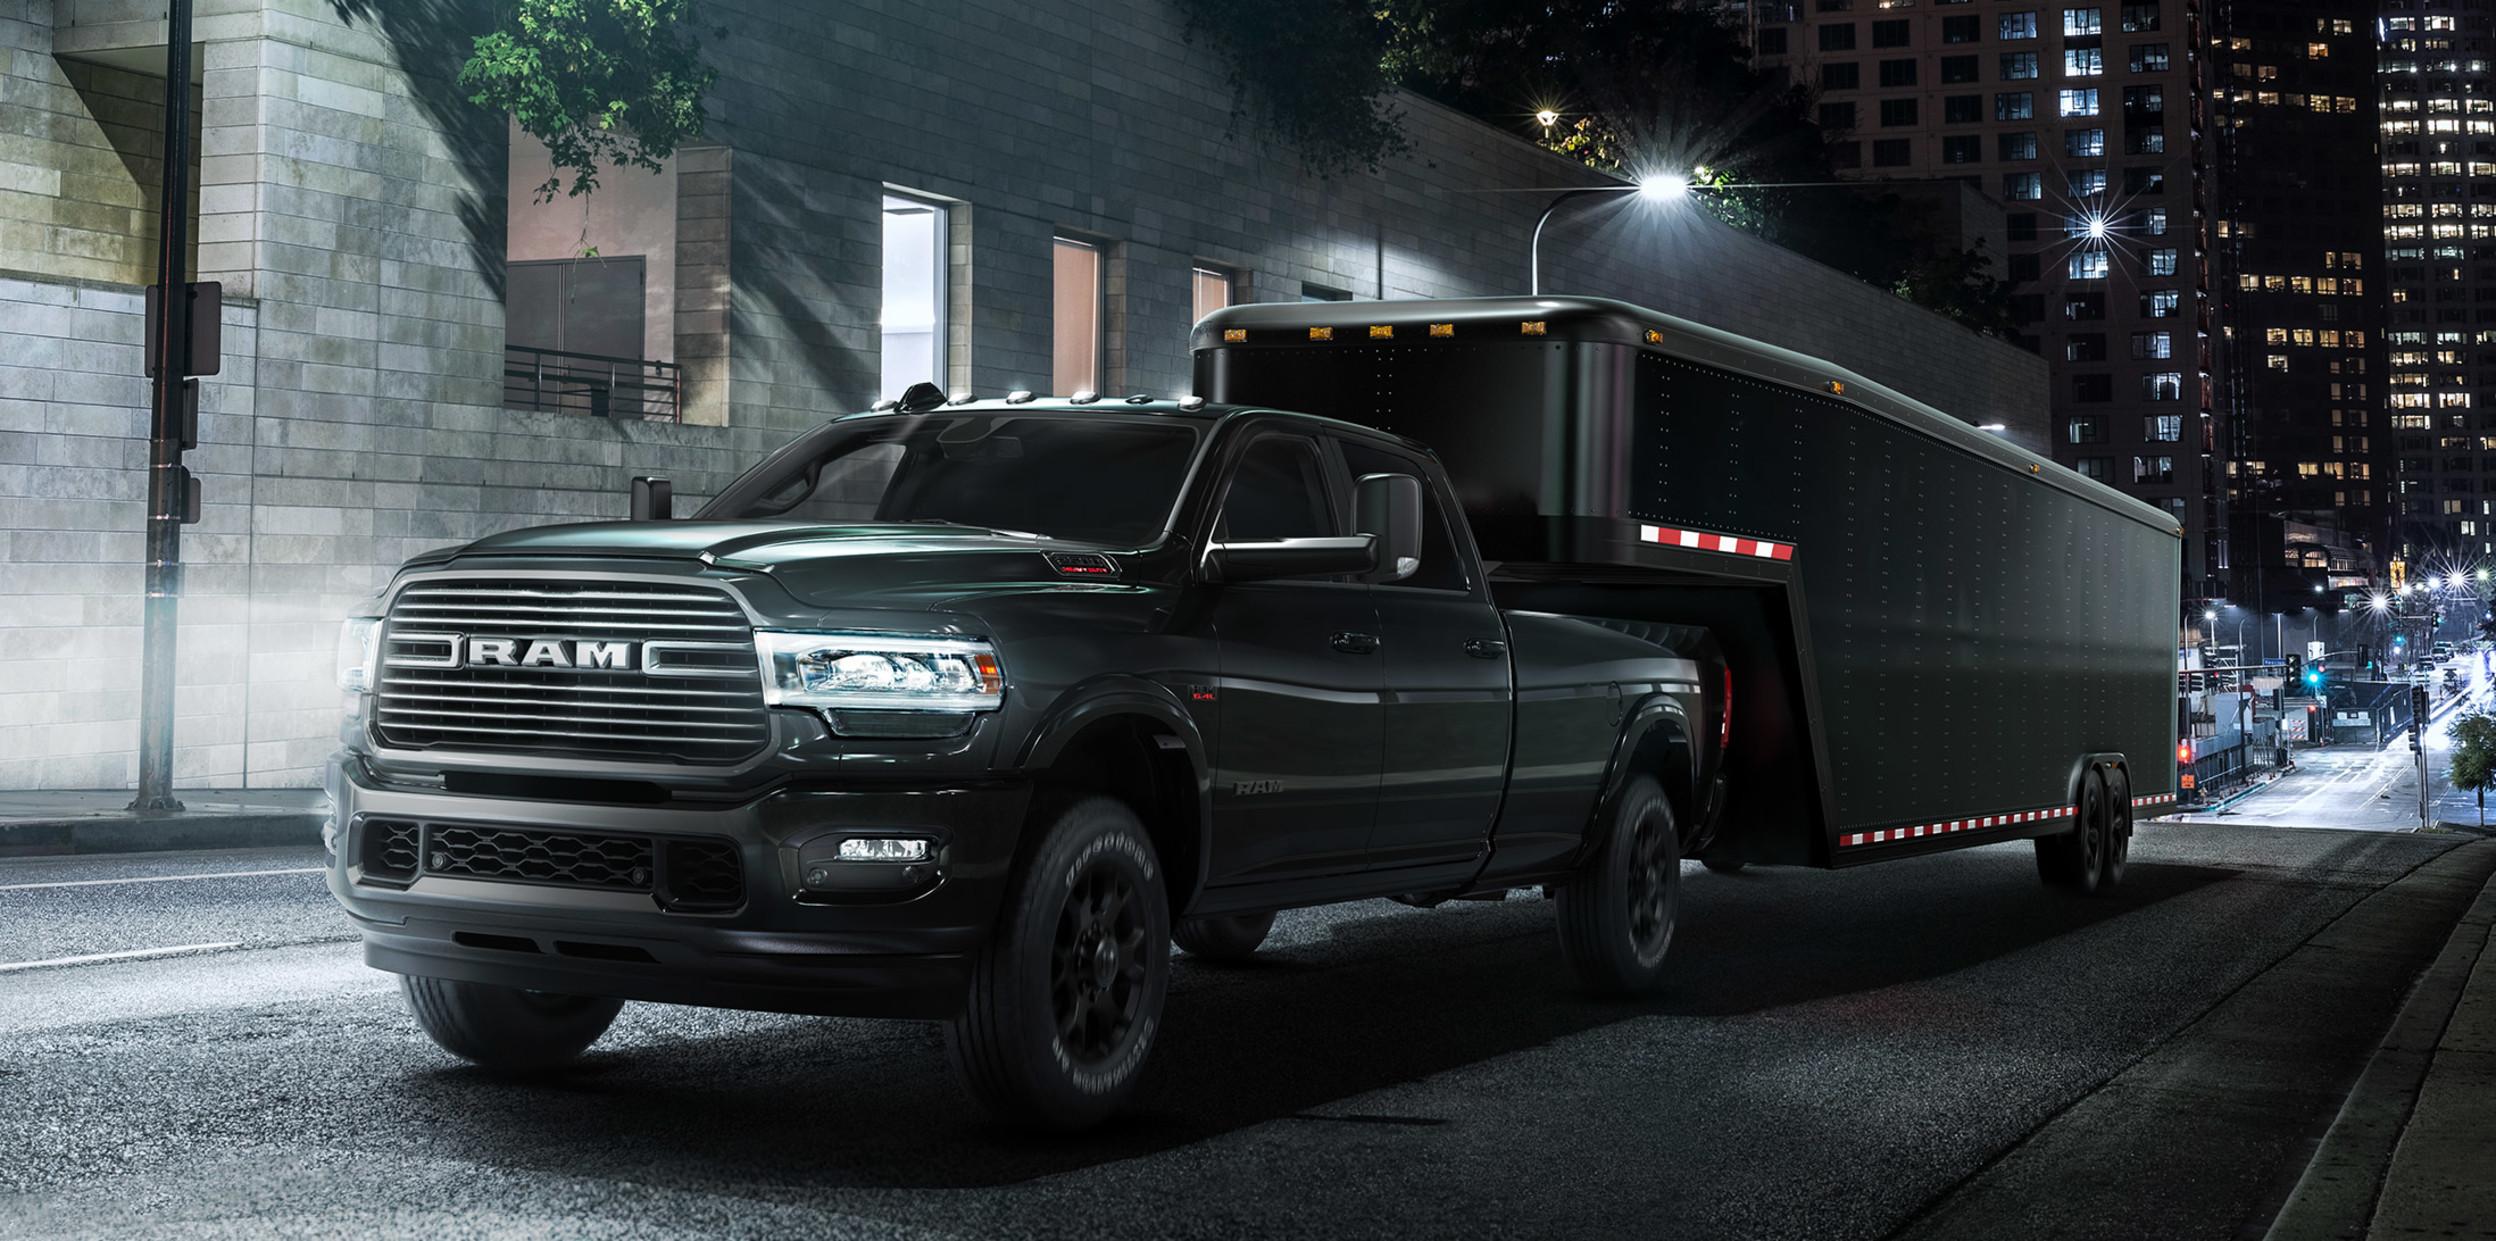 2021 Ram 2500 Heavy Duty Pickup Truck Ram Canada